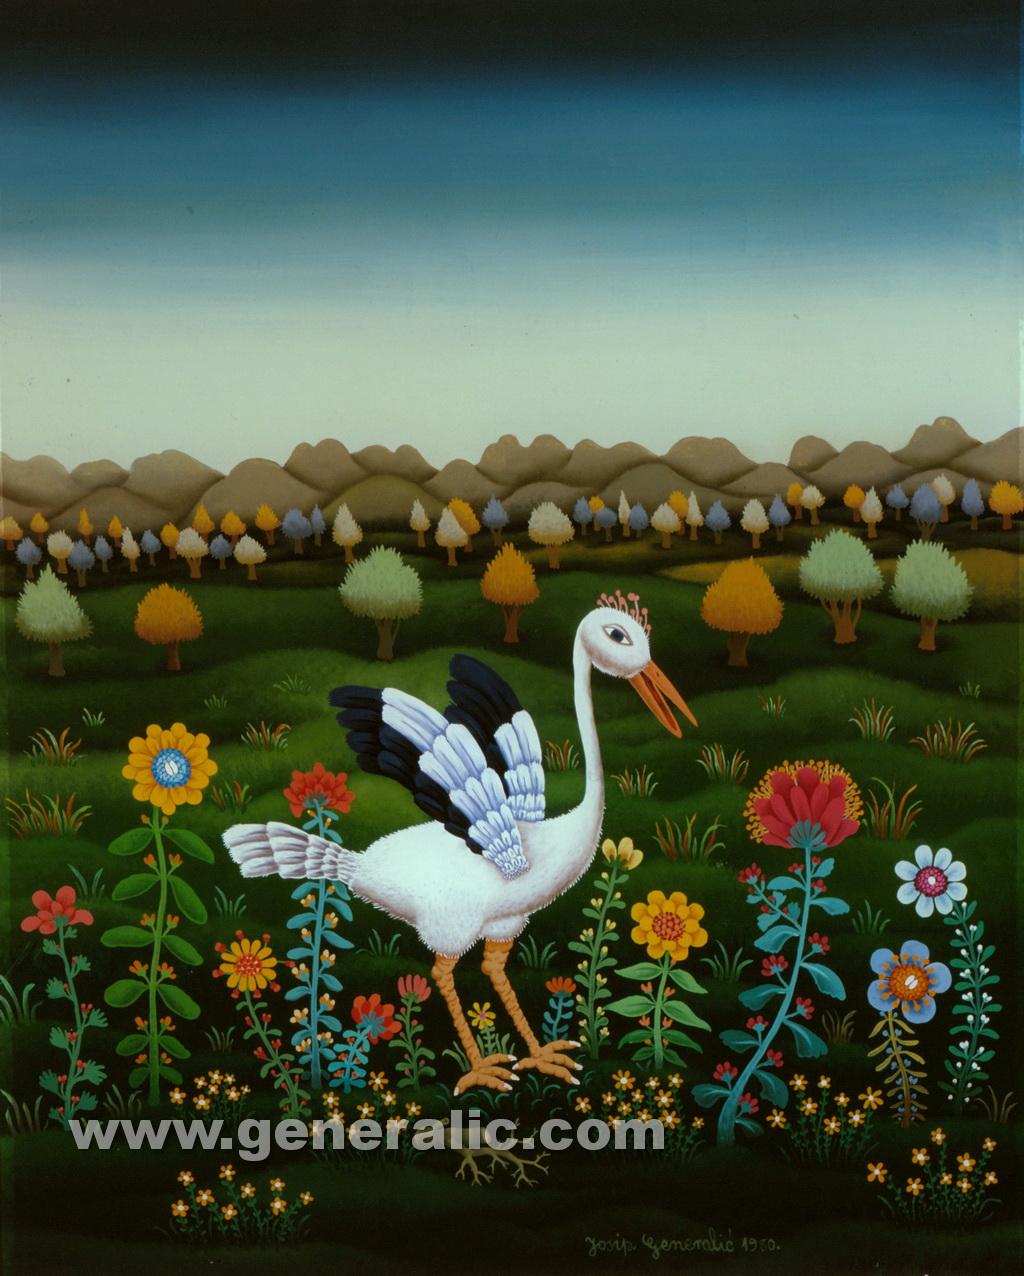 Josip Generalic, 1980, White stork, oil on glass